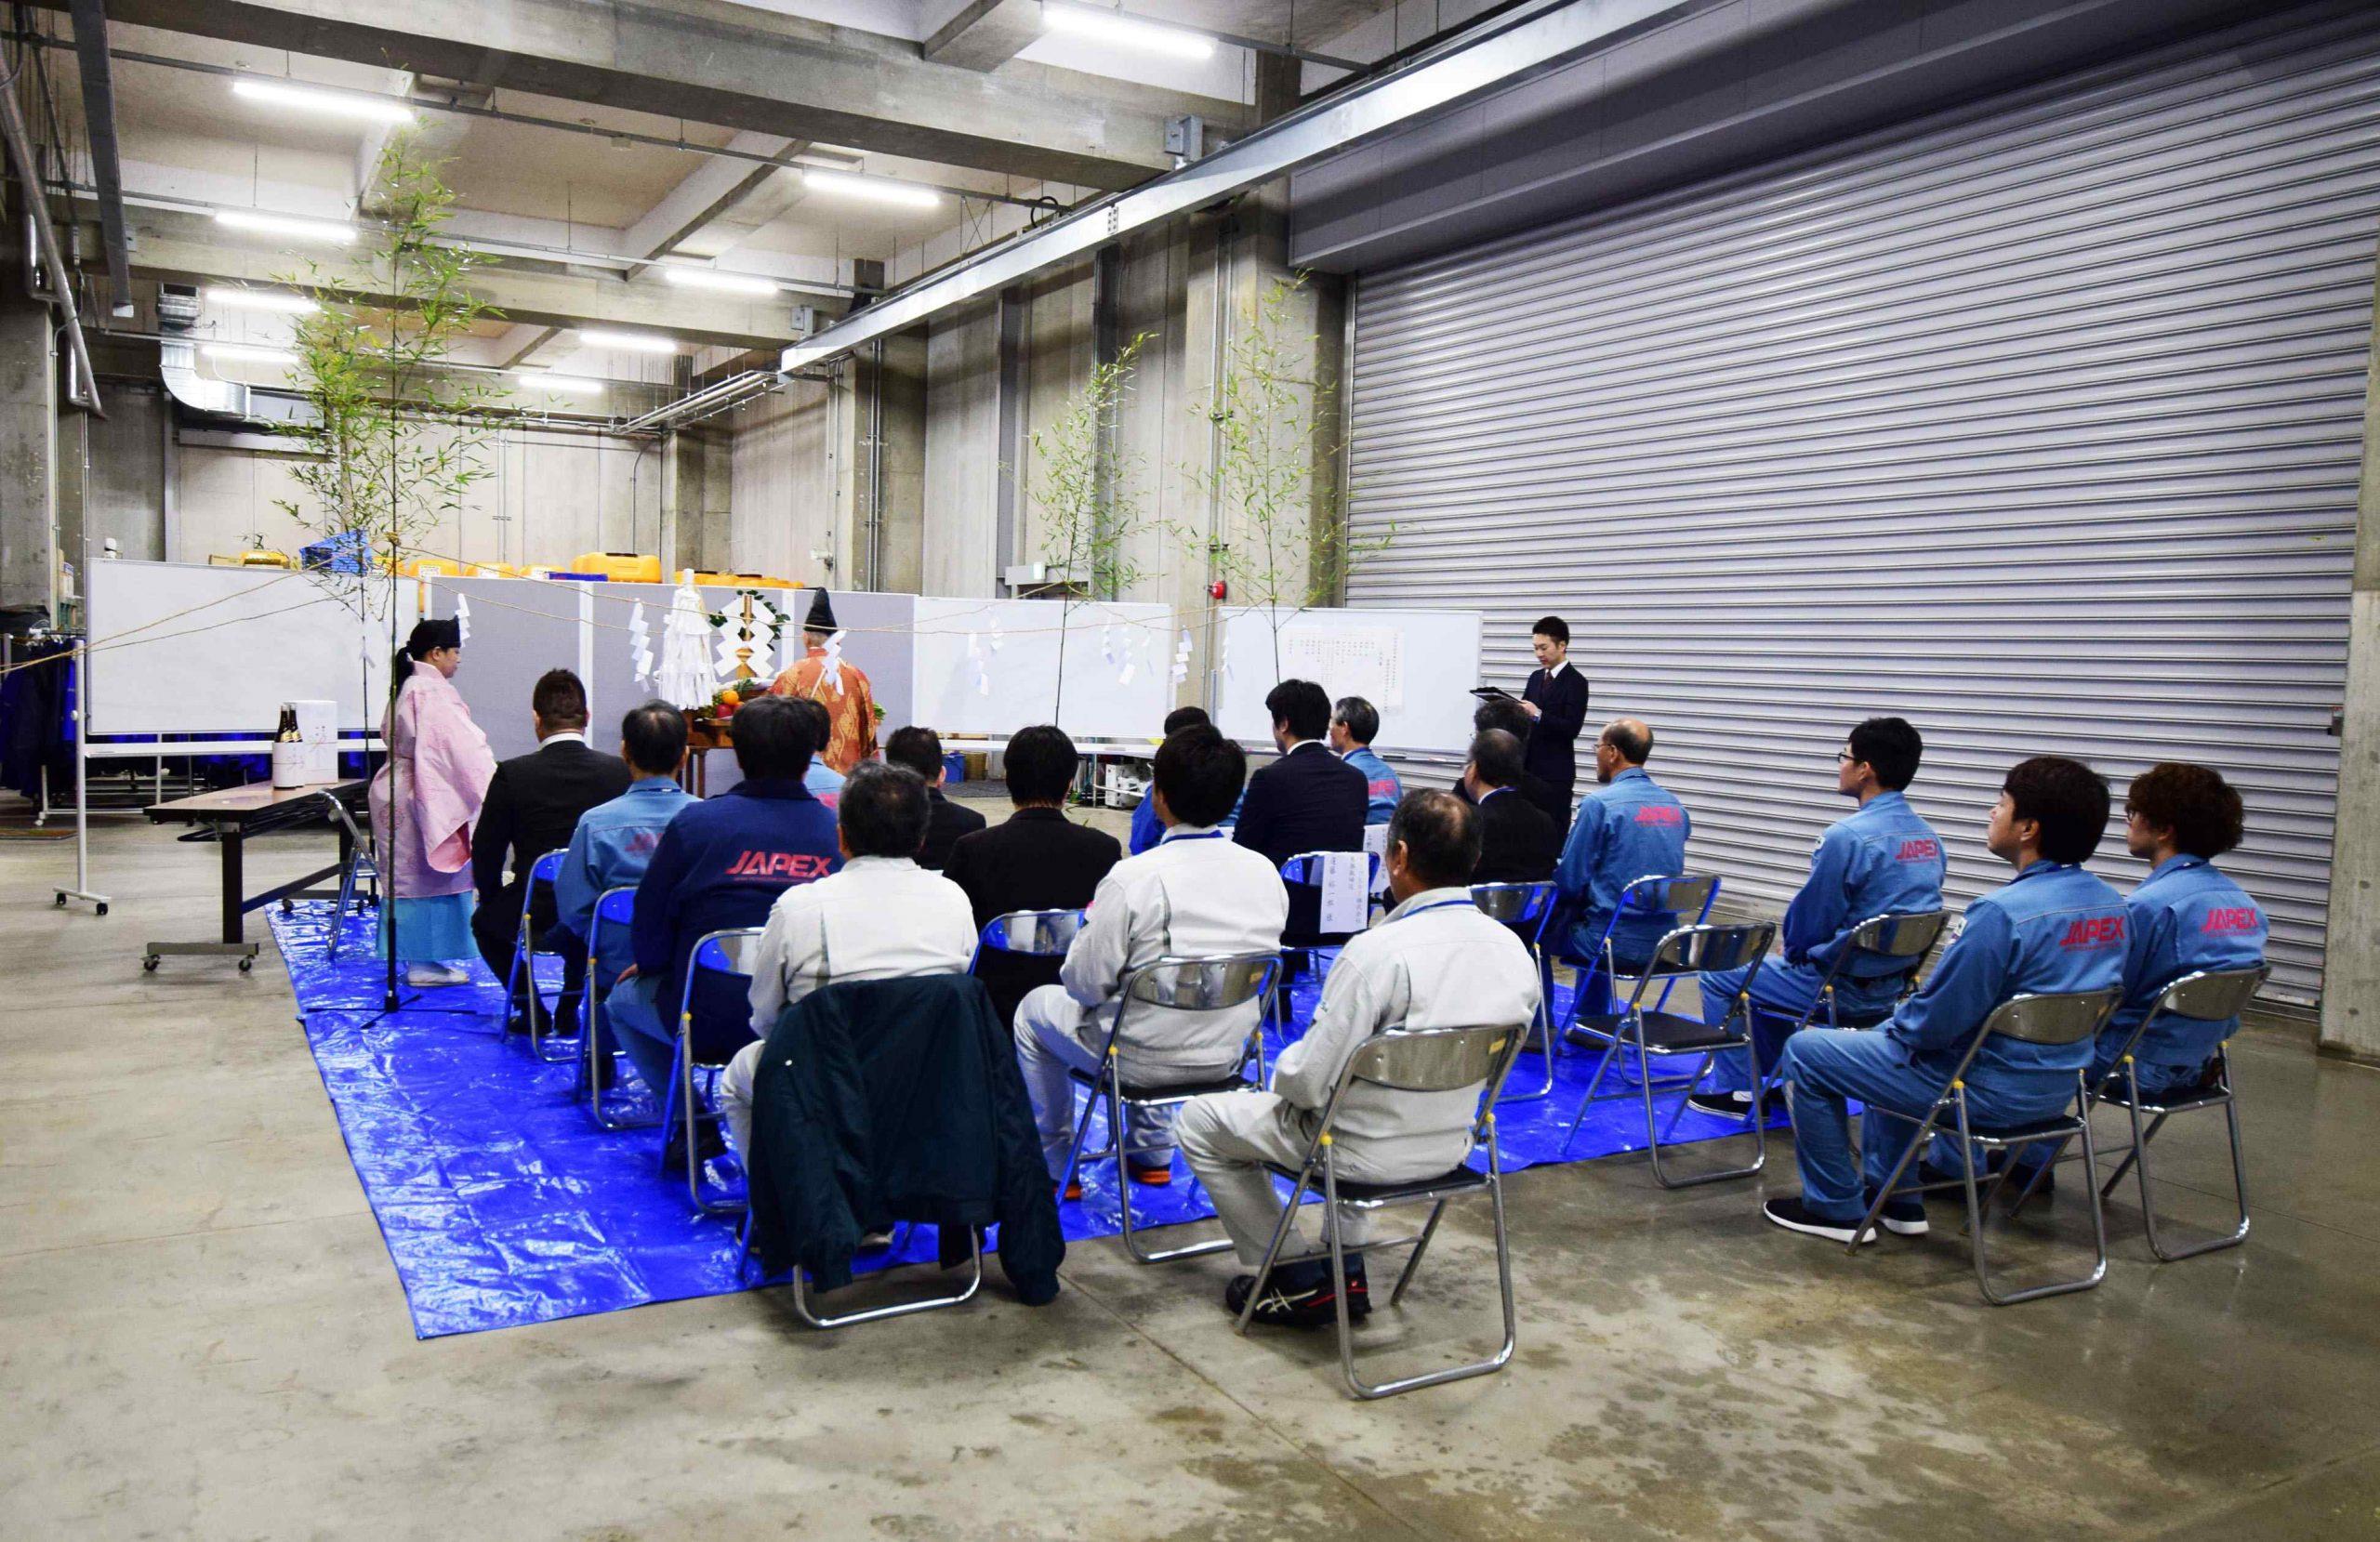 石油資源開発株式会社相馬事業所整備保全棟建設工事 安全祈願祭を行いました